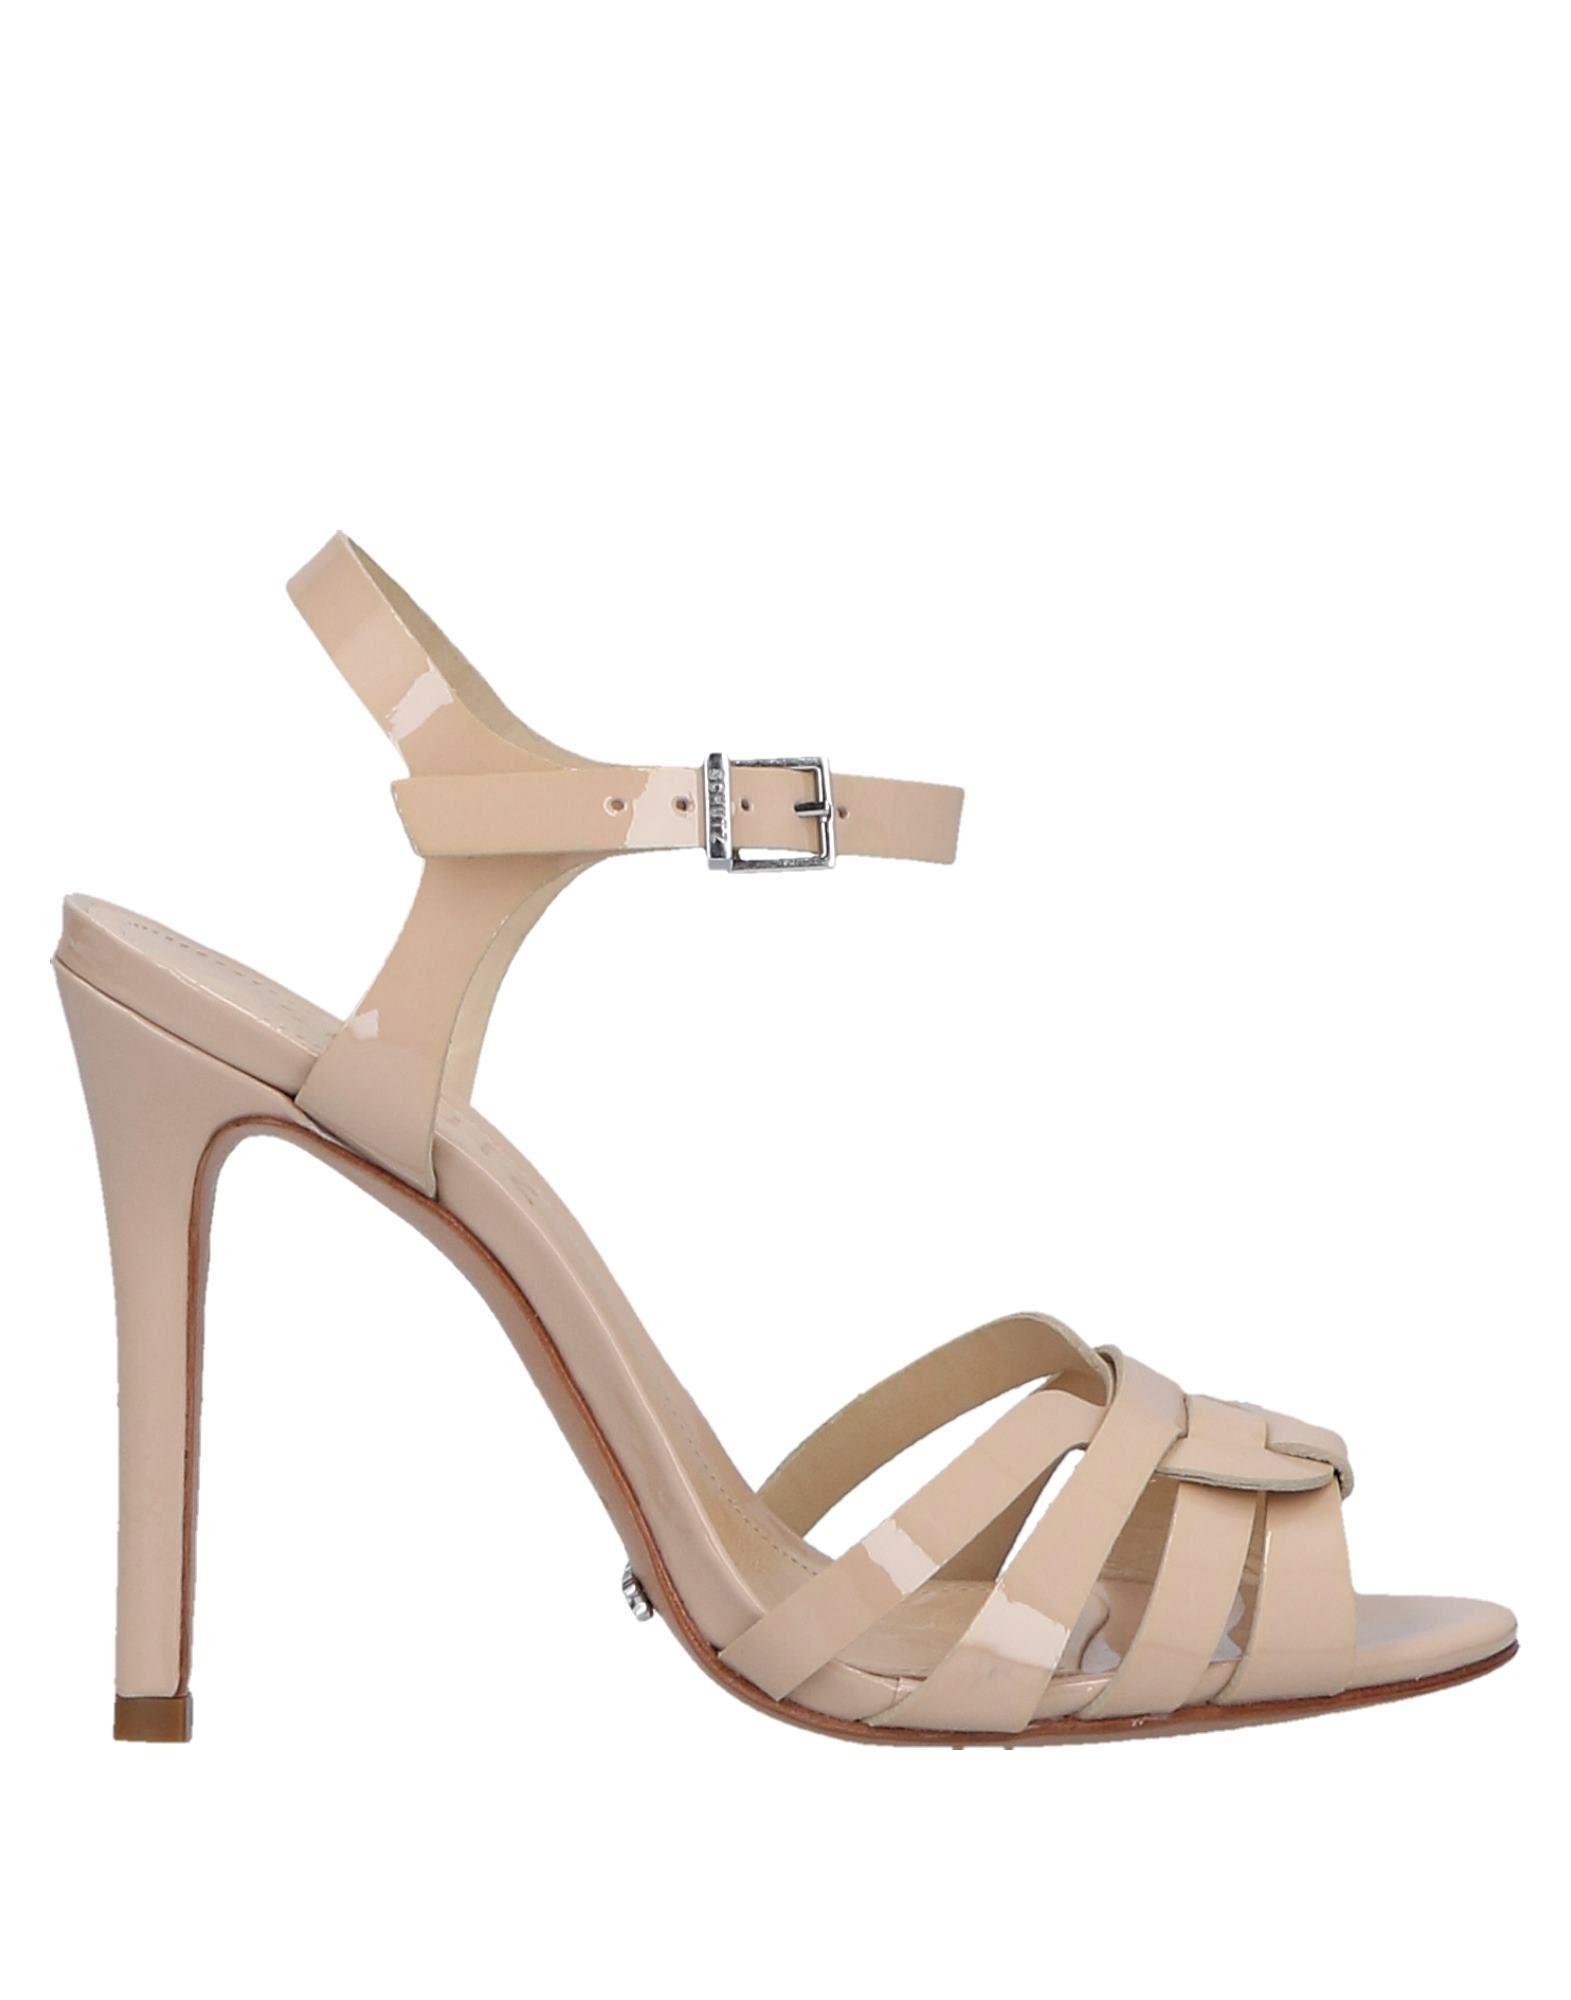 Schutz Sandals - Women Schutz United Sandals online on  United Schutz Kingdom - 11371509PS 59780e